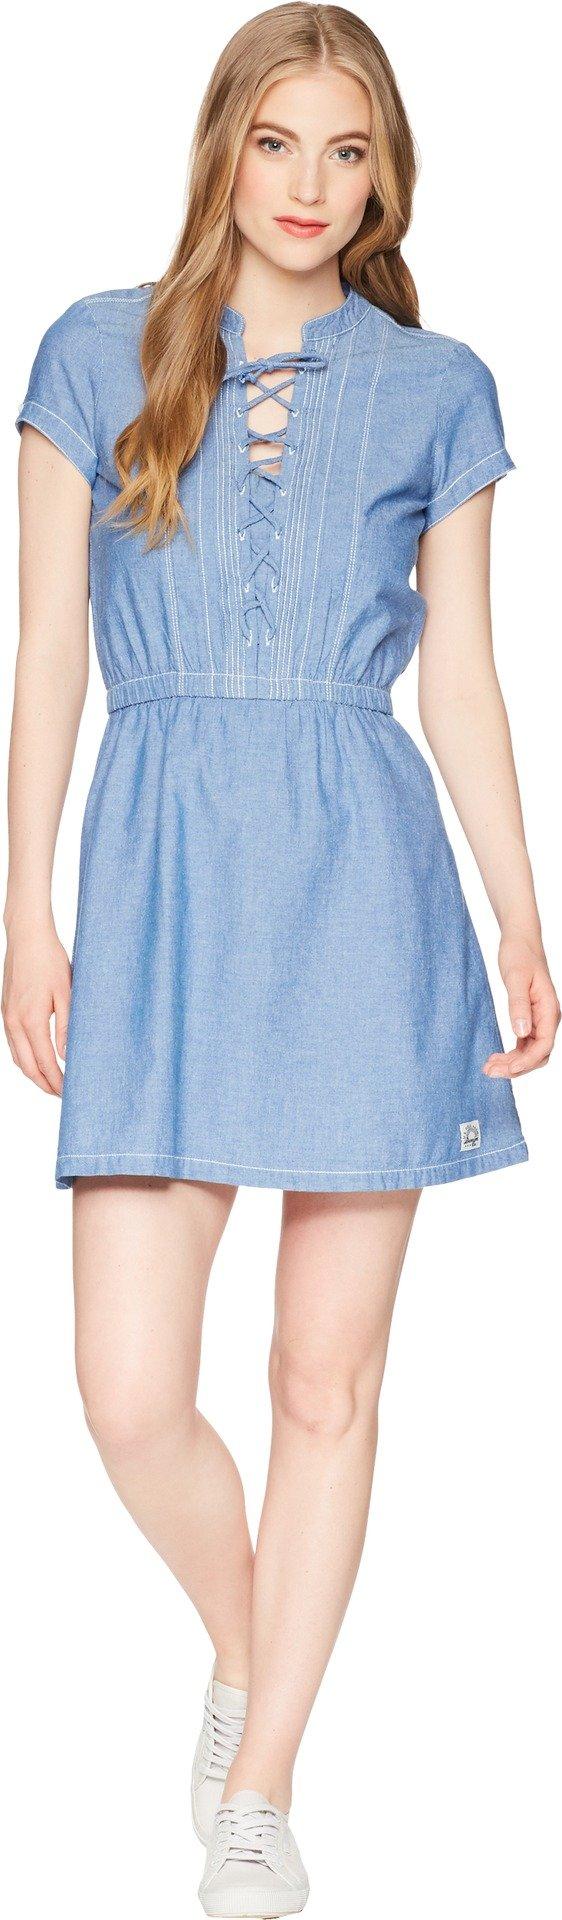 U.S. Polo Assn.. Women's Fashion Dress, Chambray Blue Chambray, L